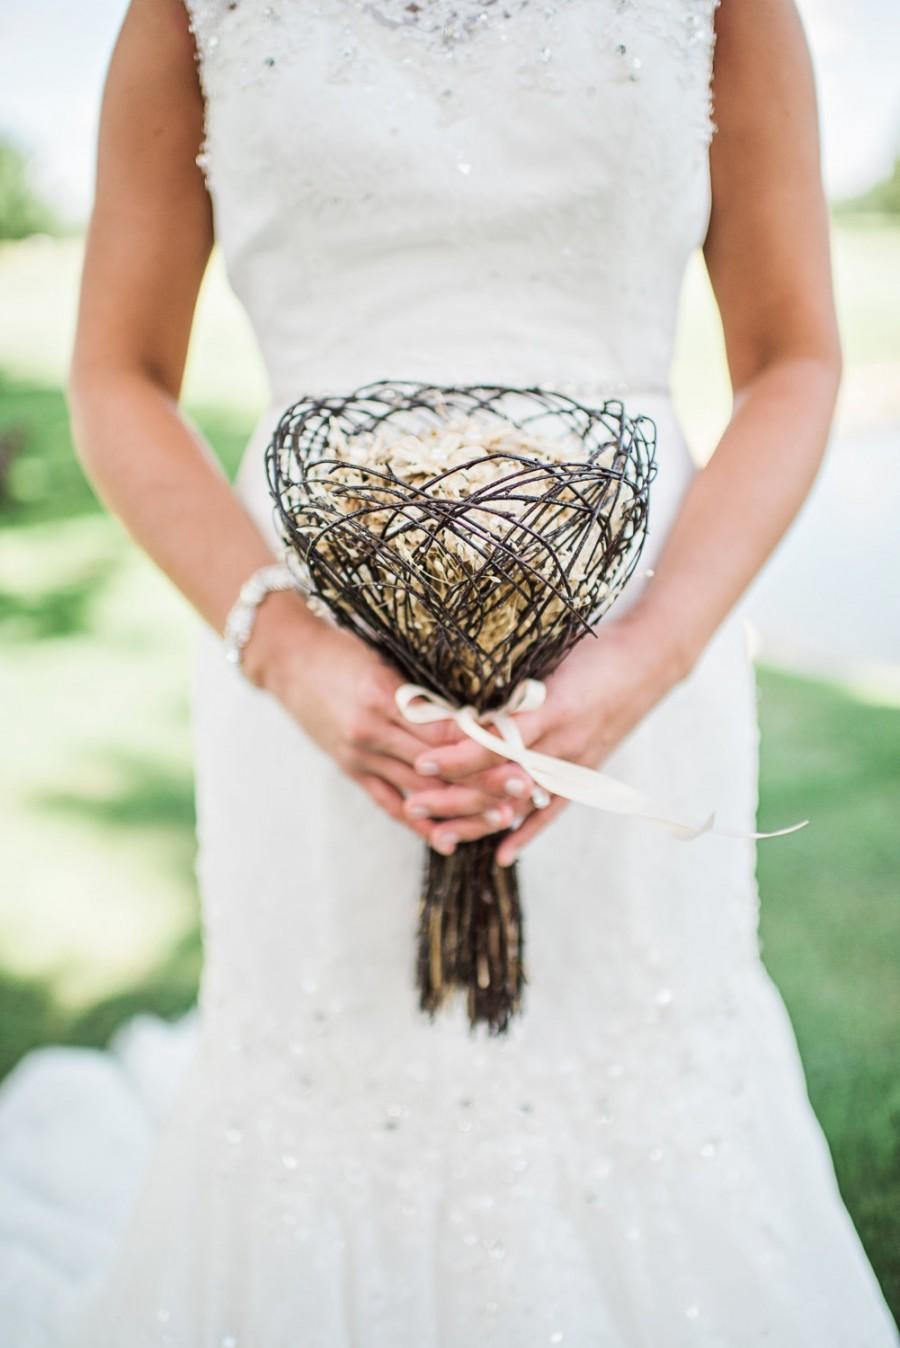 Hochzeit - Bridal Bouquet, Gift Bouquet - Pine Forest Glade Love Nest - Birch, Lapsana & Pinecone Daisies